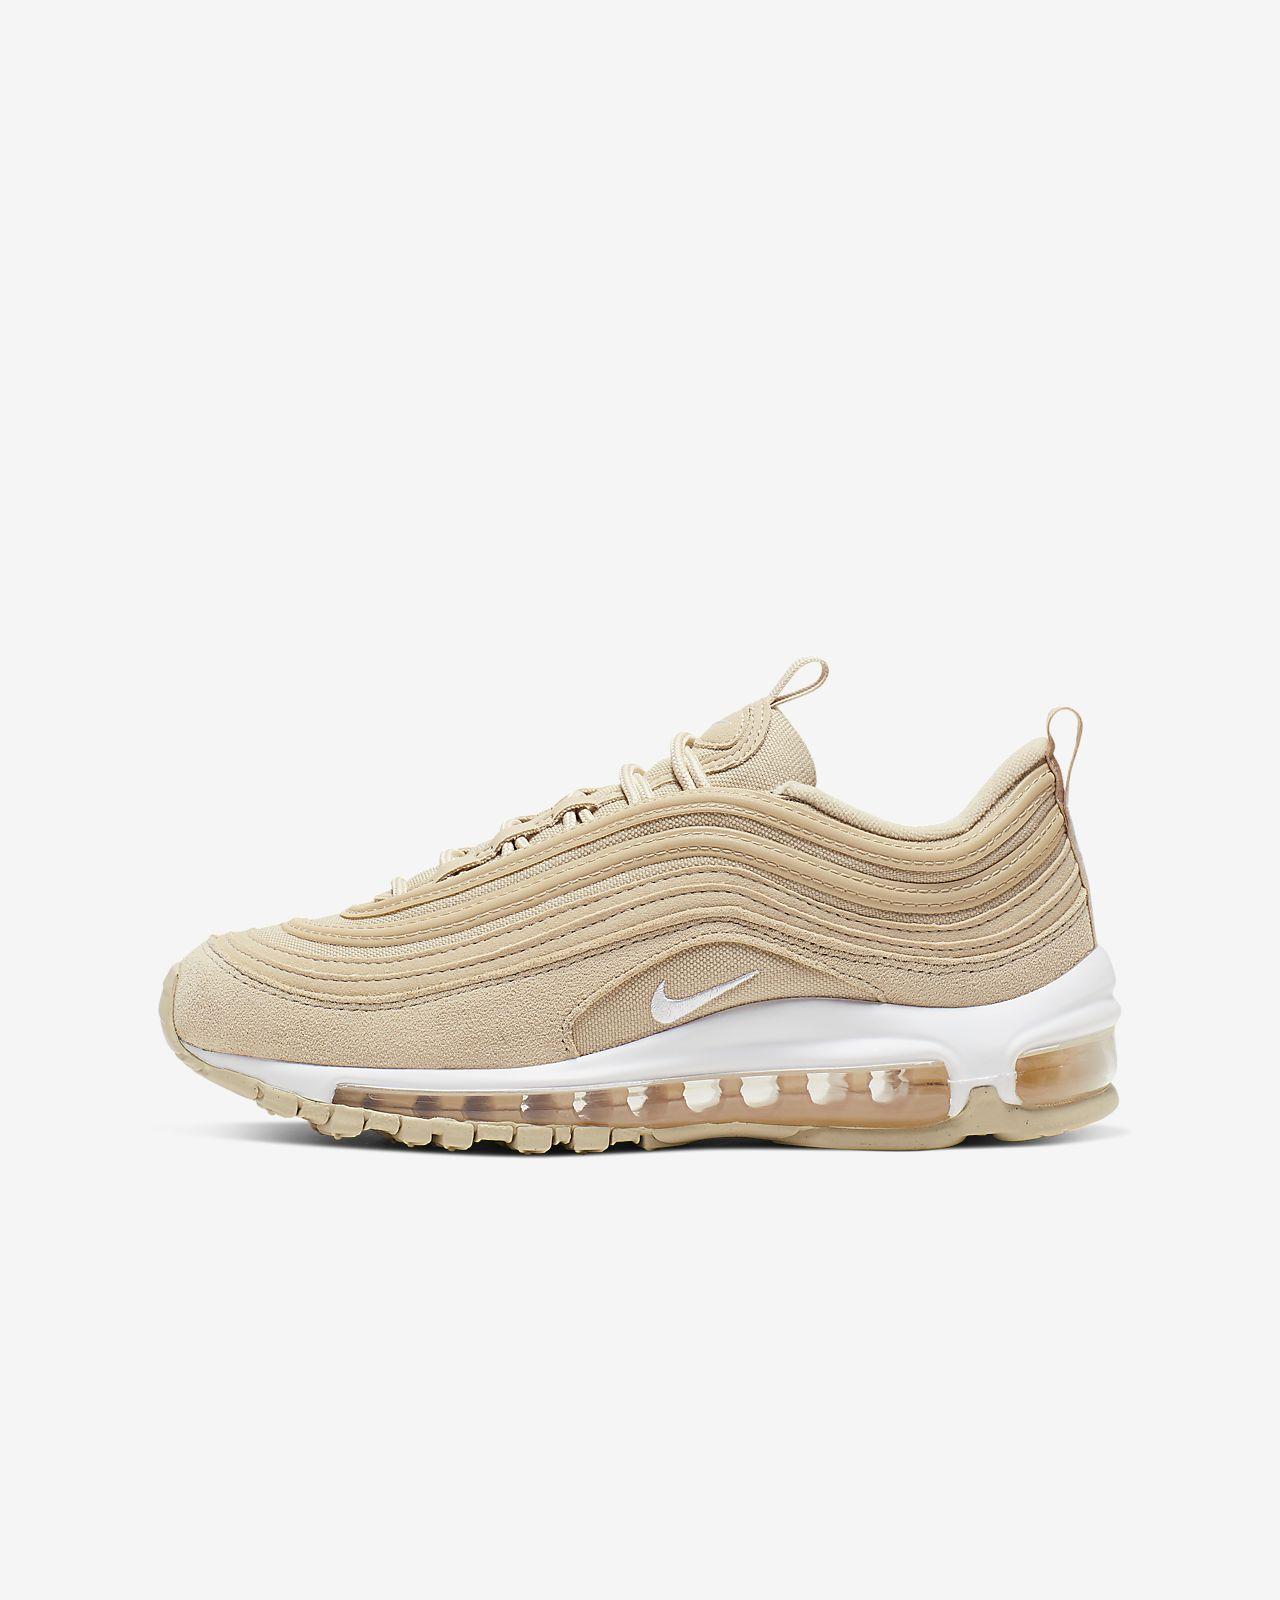 9474e875c2a4a Chaussure Nike Air Max 97 PE pour Enfant plus âgé. Nike.com BE